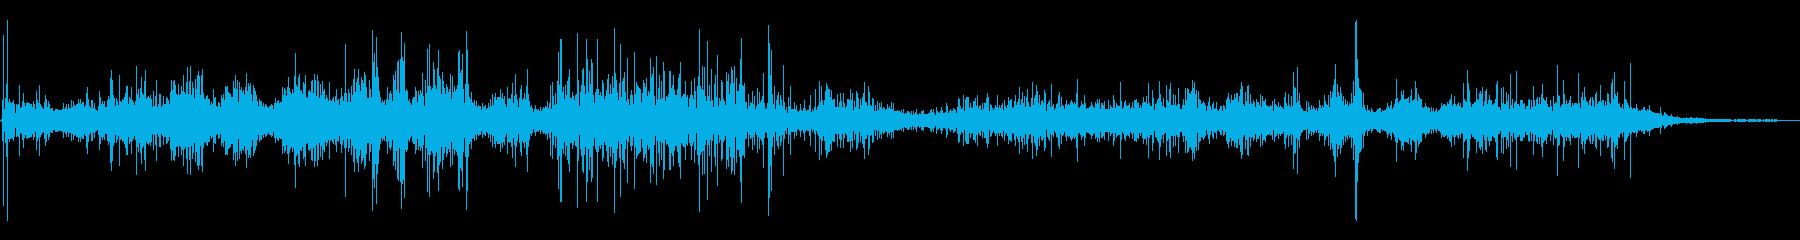 スペースシャトル:エンジン爆風と静...の再生済みの波形